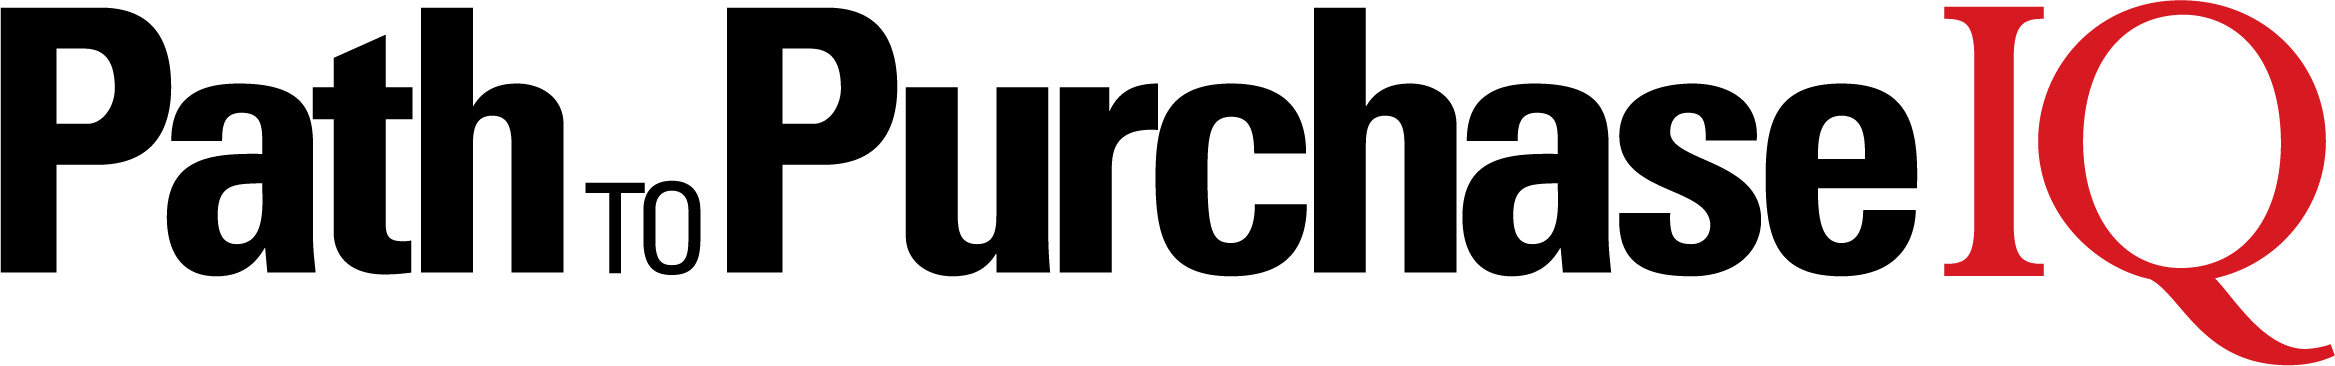 P2PIQ-logo-no-tag